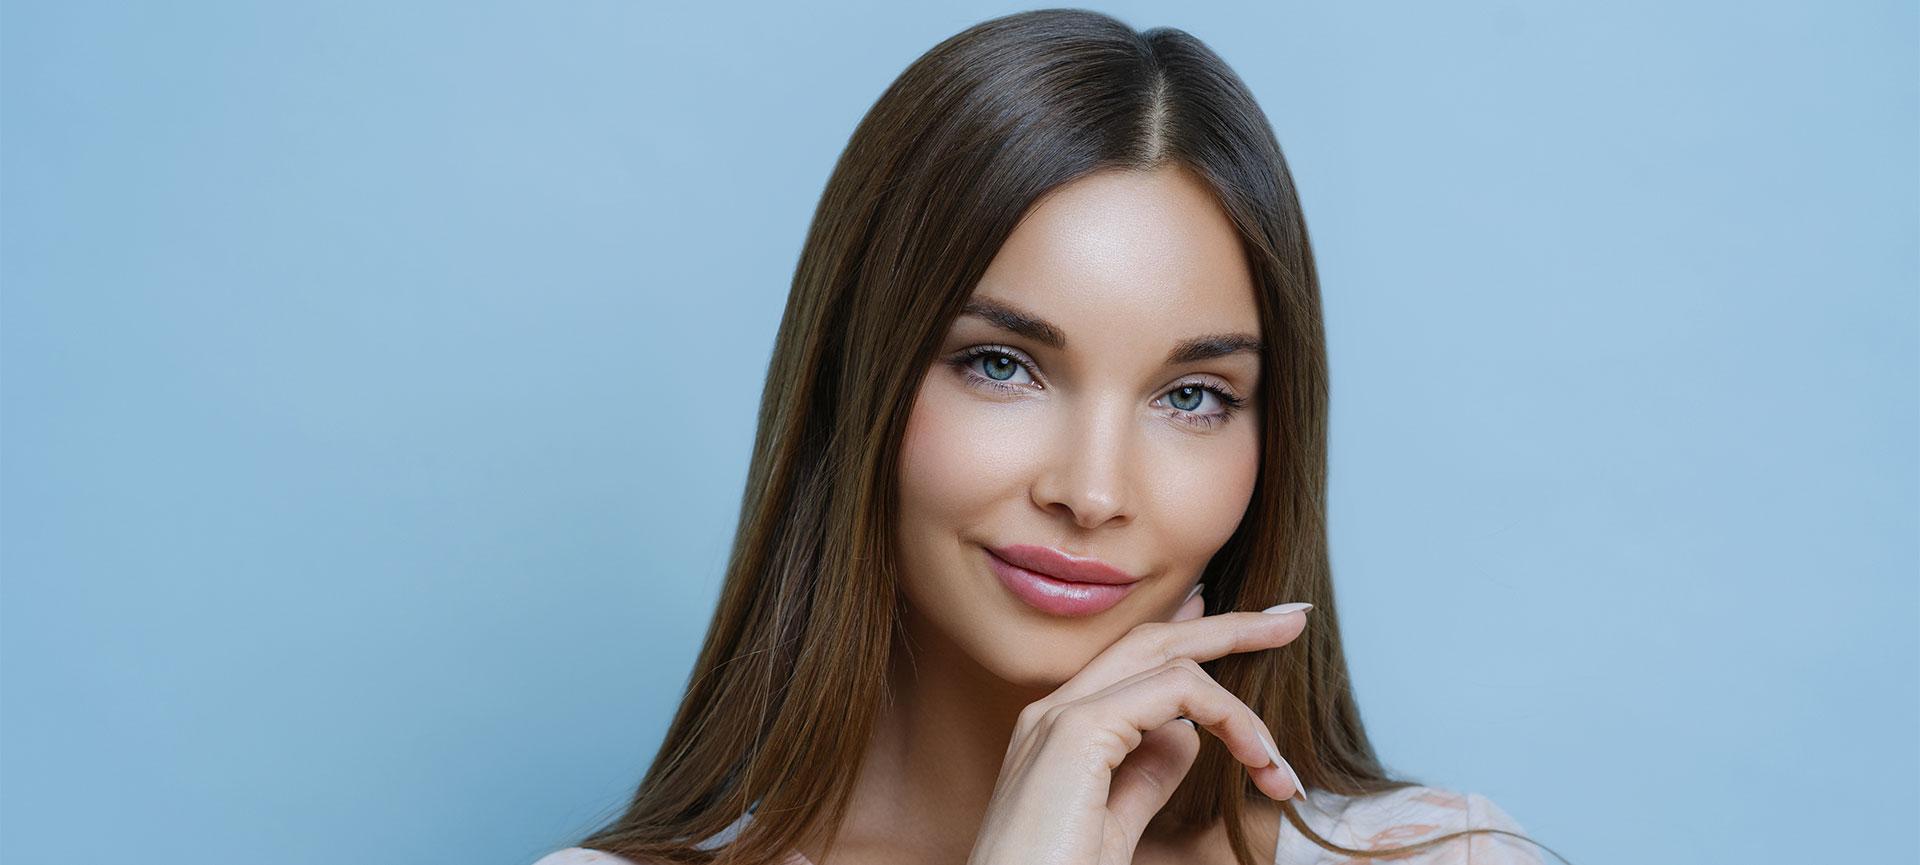 Non-Surgical Facial Contouring